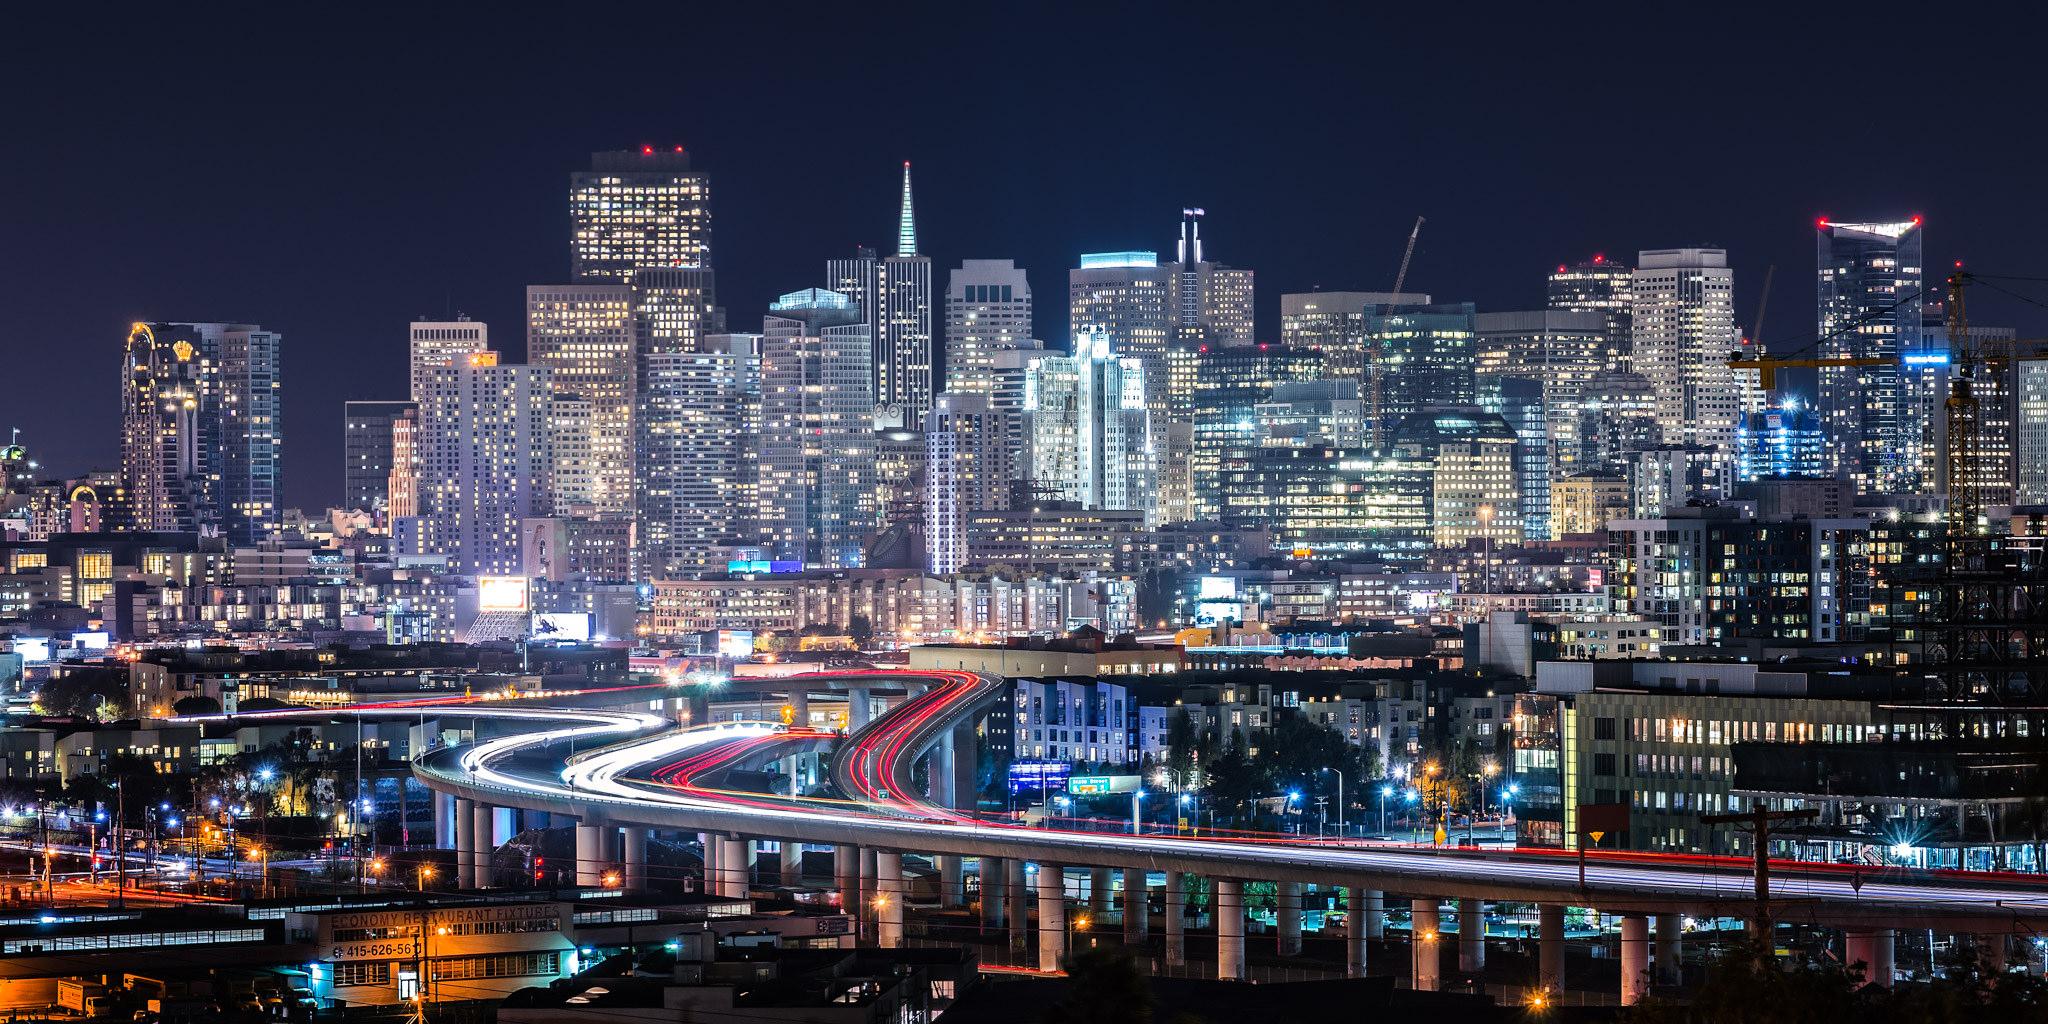 Potrero Hill, em San Francisco. É considerada a segunda cidade mais densa dos EUA. Foto: anotherangle @ Flickr.